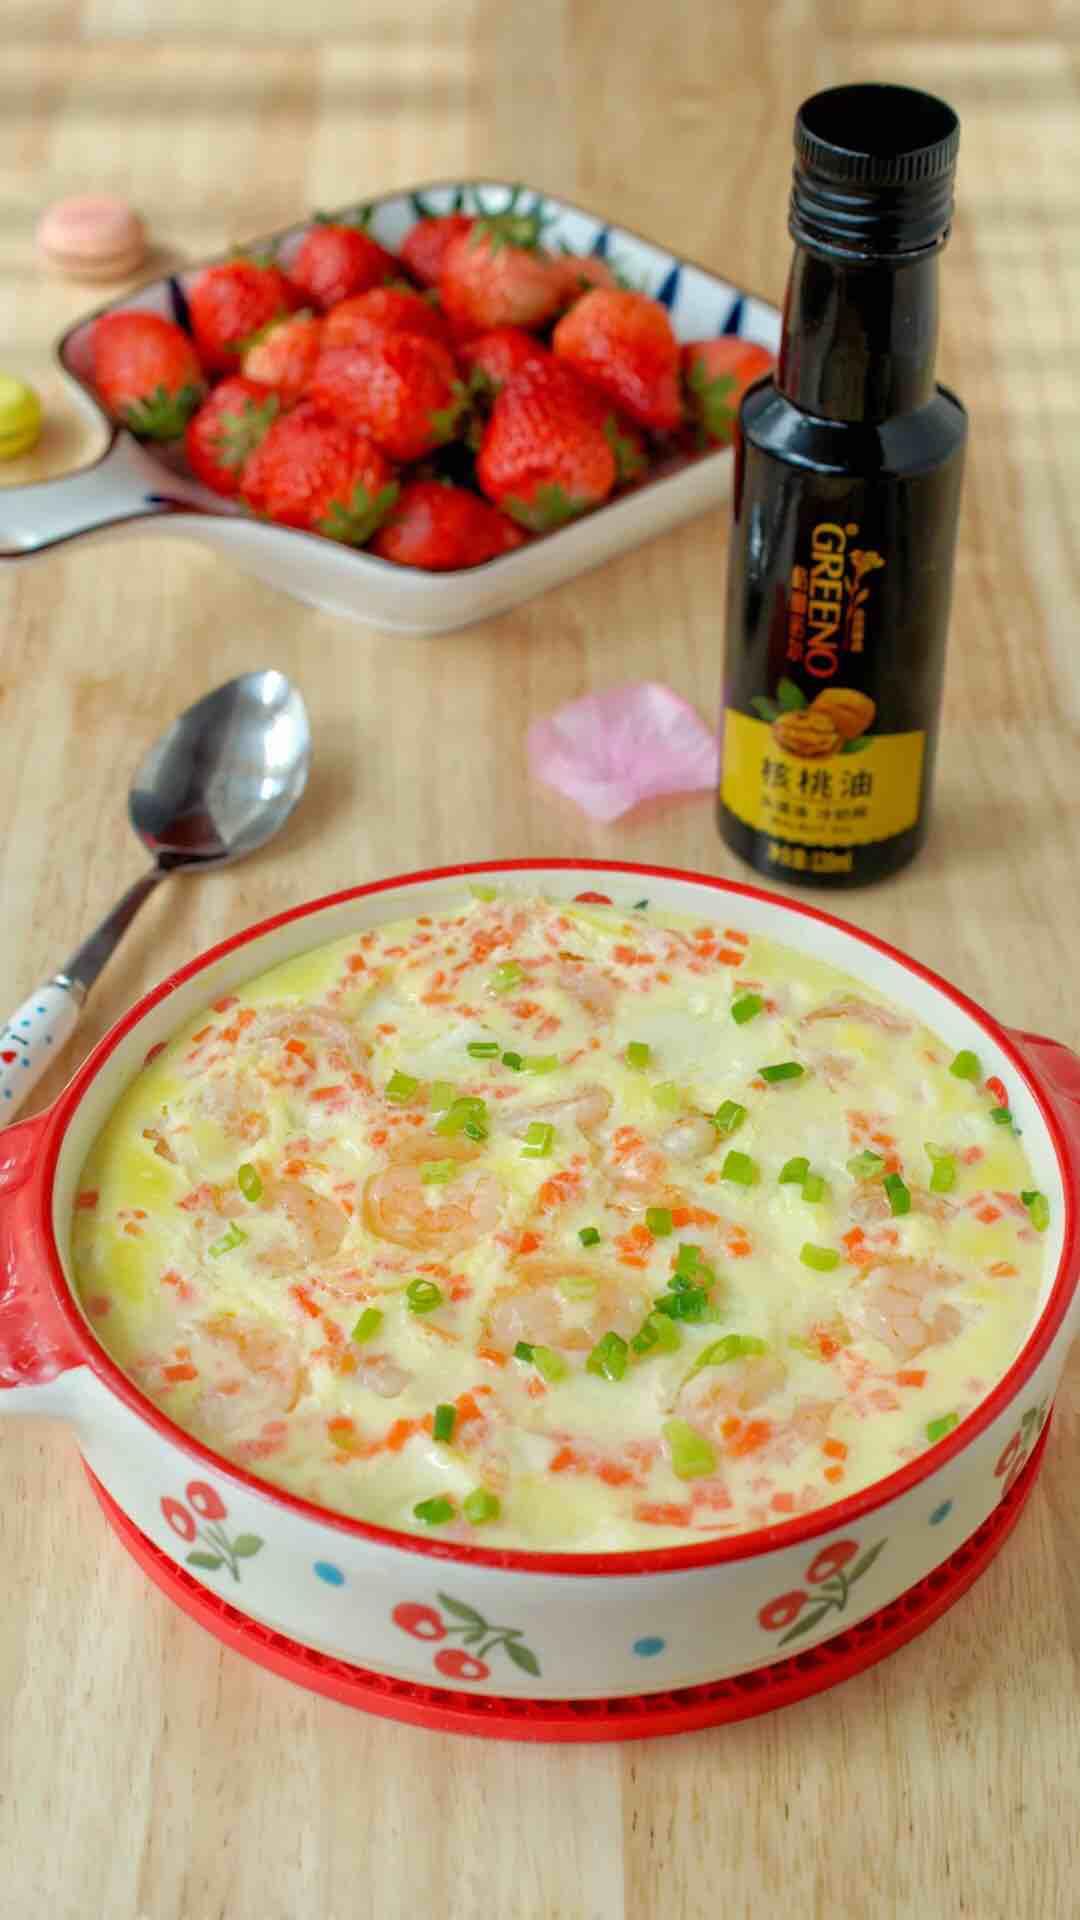 宝宝营养餐——油淋虾仁豆腐鸡蛋羹